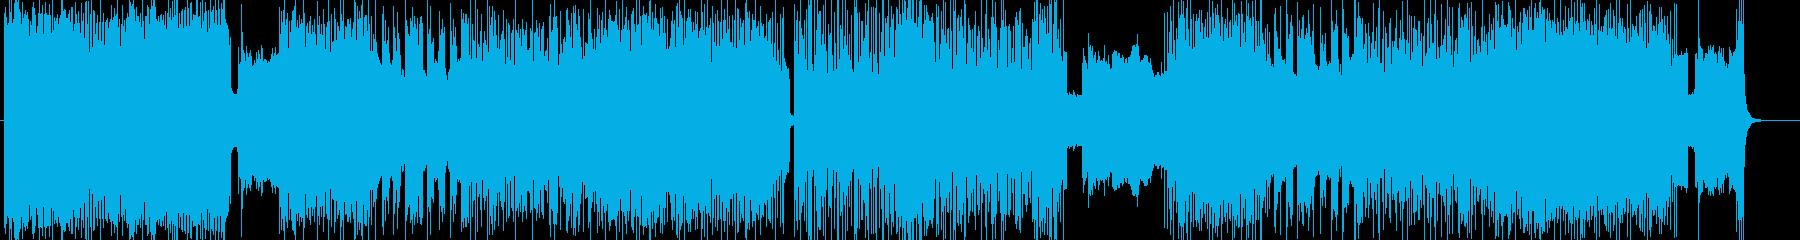 「HR/HM」「DEATH」BGM173の再生済みの波形